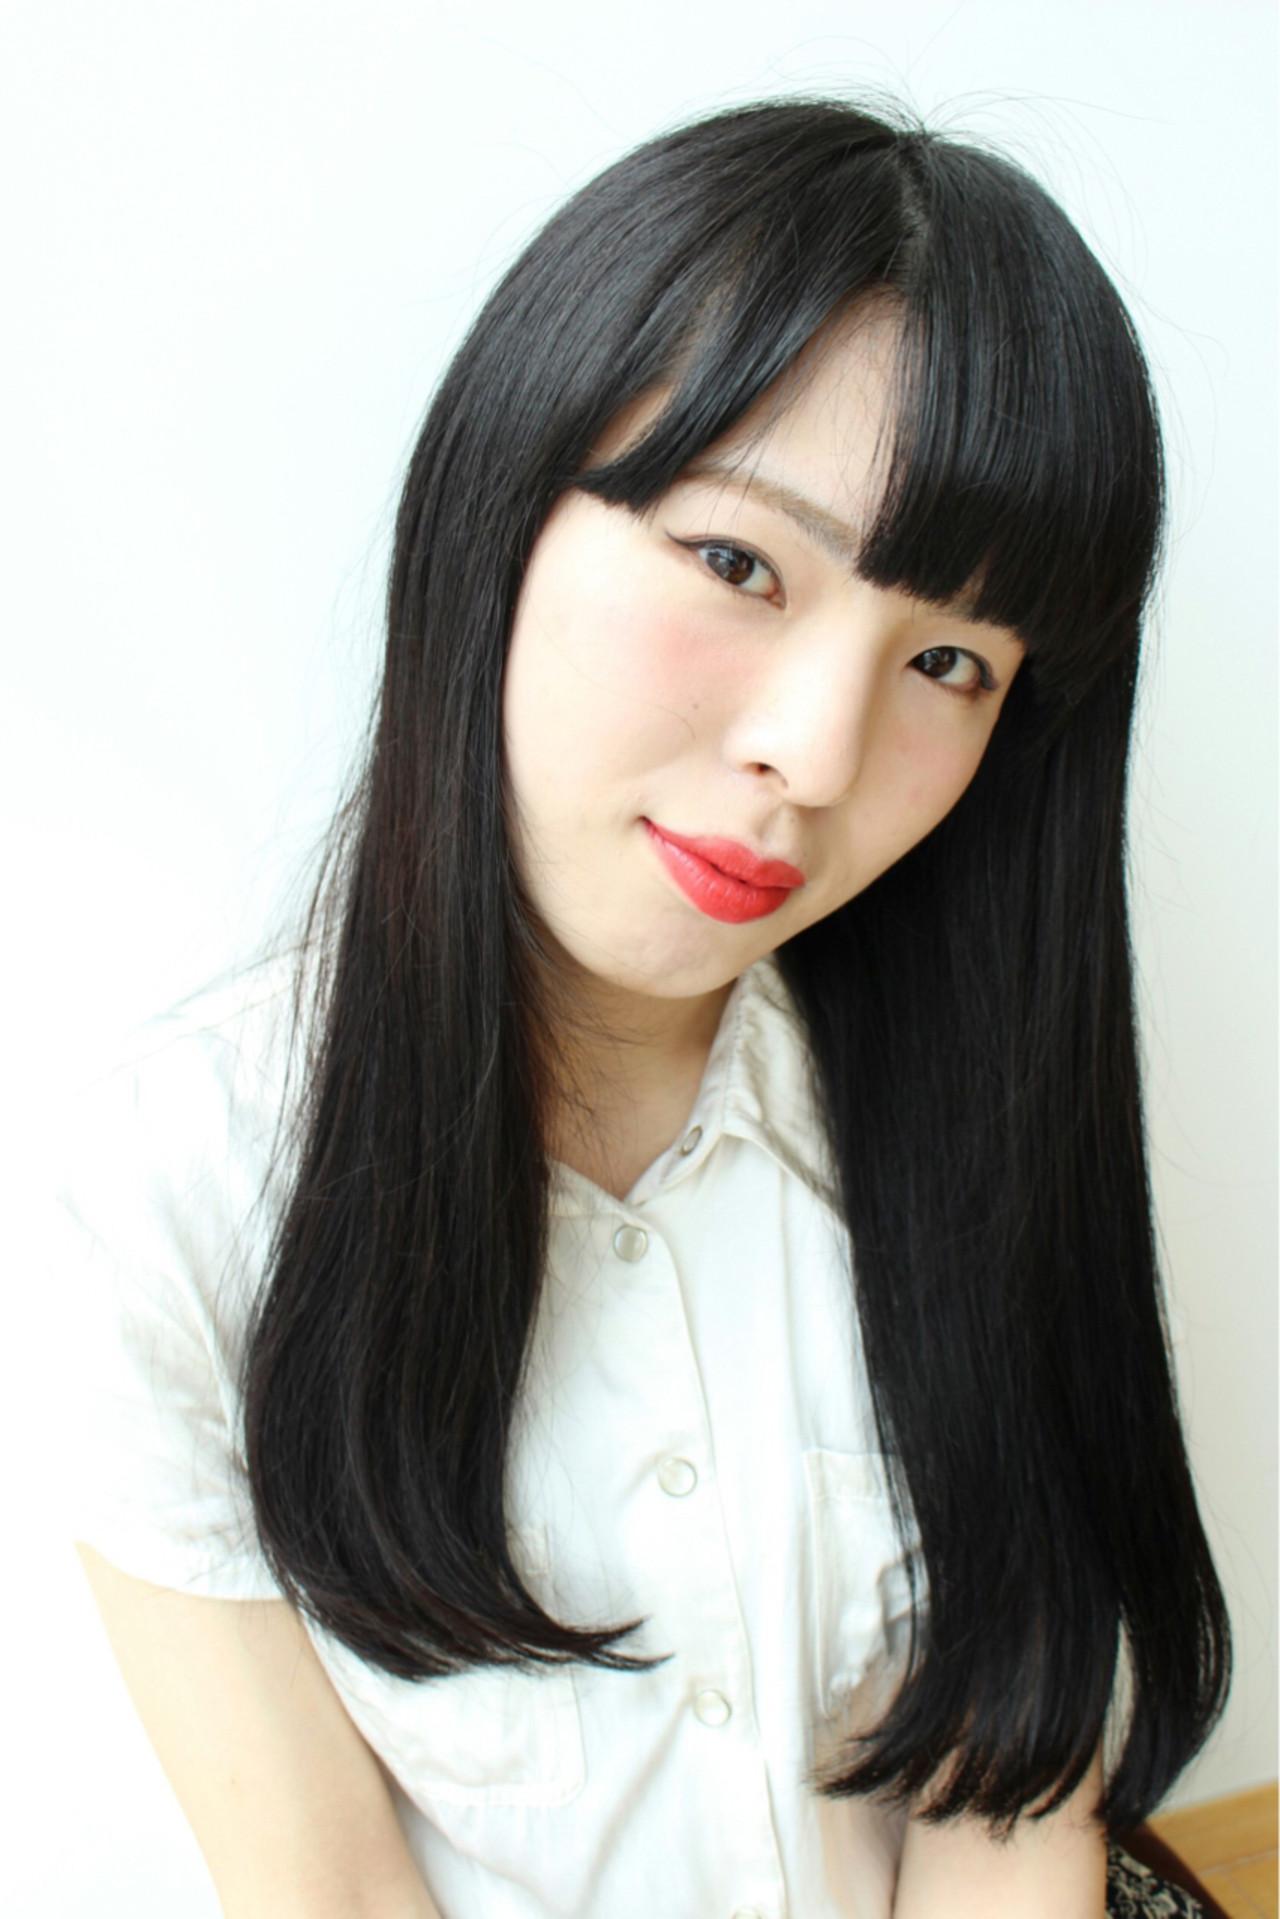 ストレート ロング ワンカール 艶髪 ヘアスタイルや髪型の写真・画像